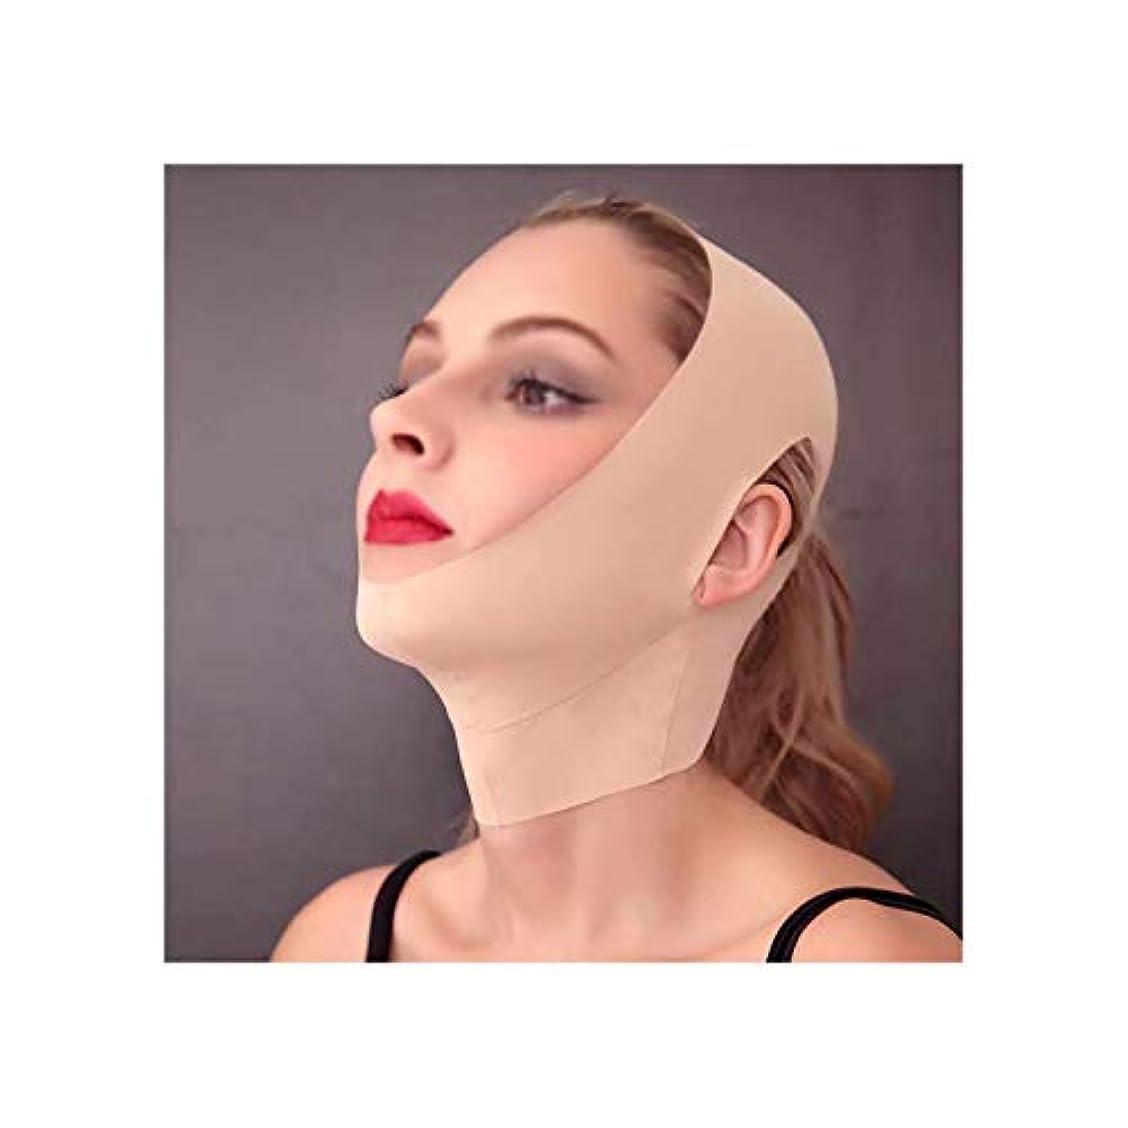 ジョットディボンドン告発スリルフェイシャルマスク、フェイスリフティングアーティファクト女性男性の睡眠顔Vフェイス包帯マスクリフティングフェイス補正引き締め顔に二重あご痩身ベルト